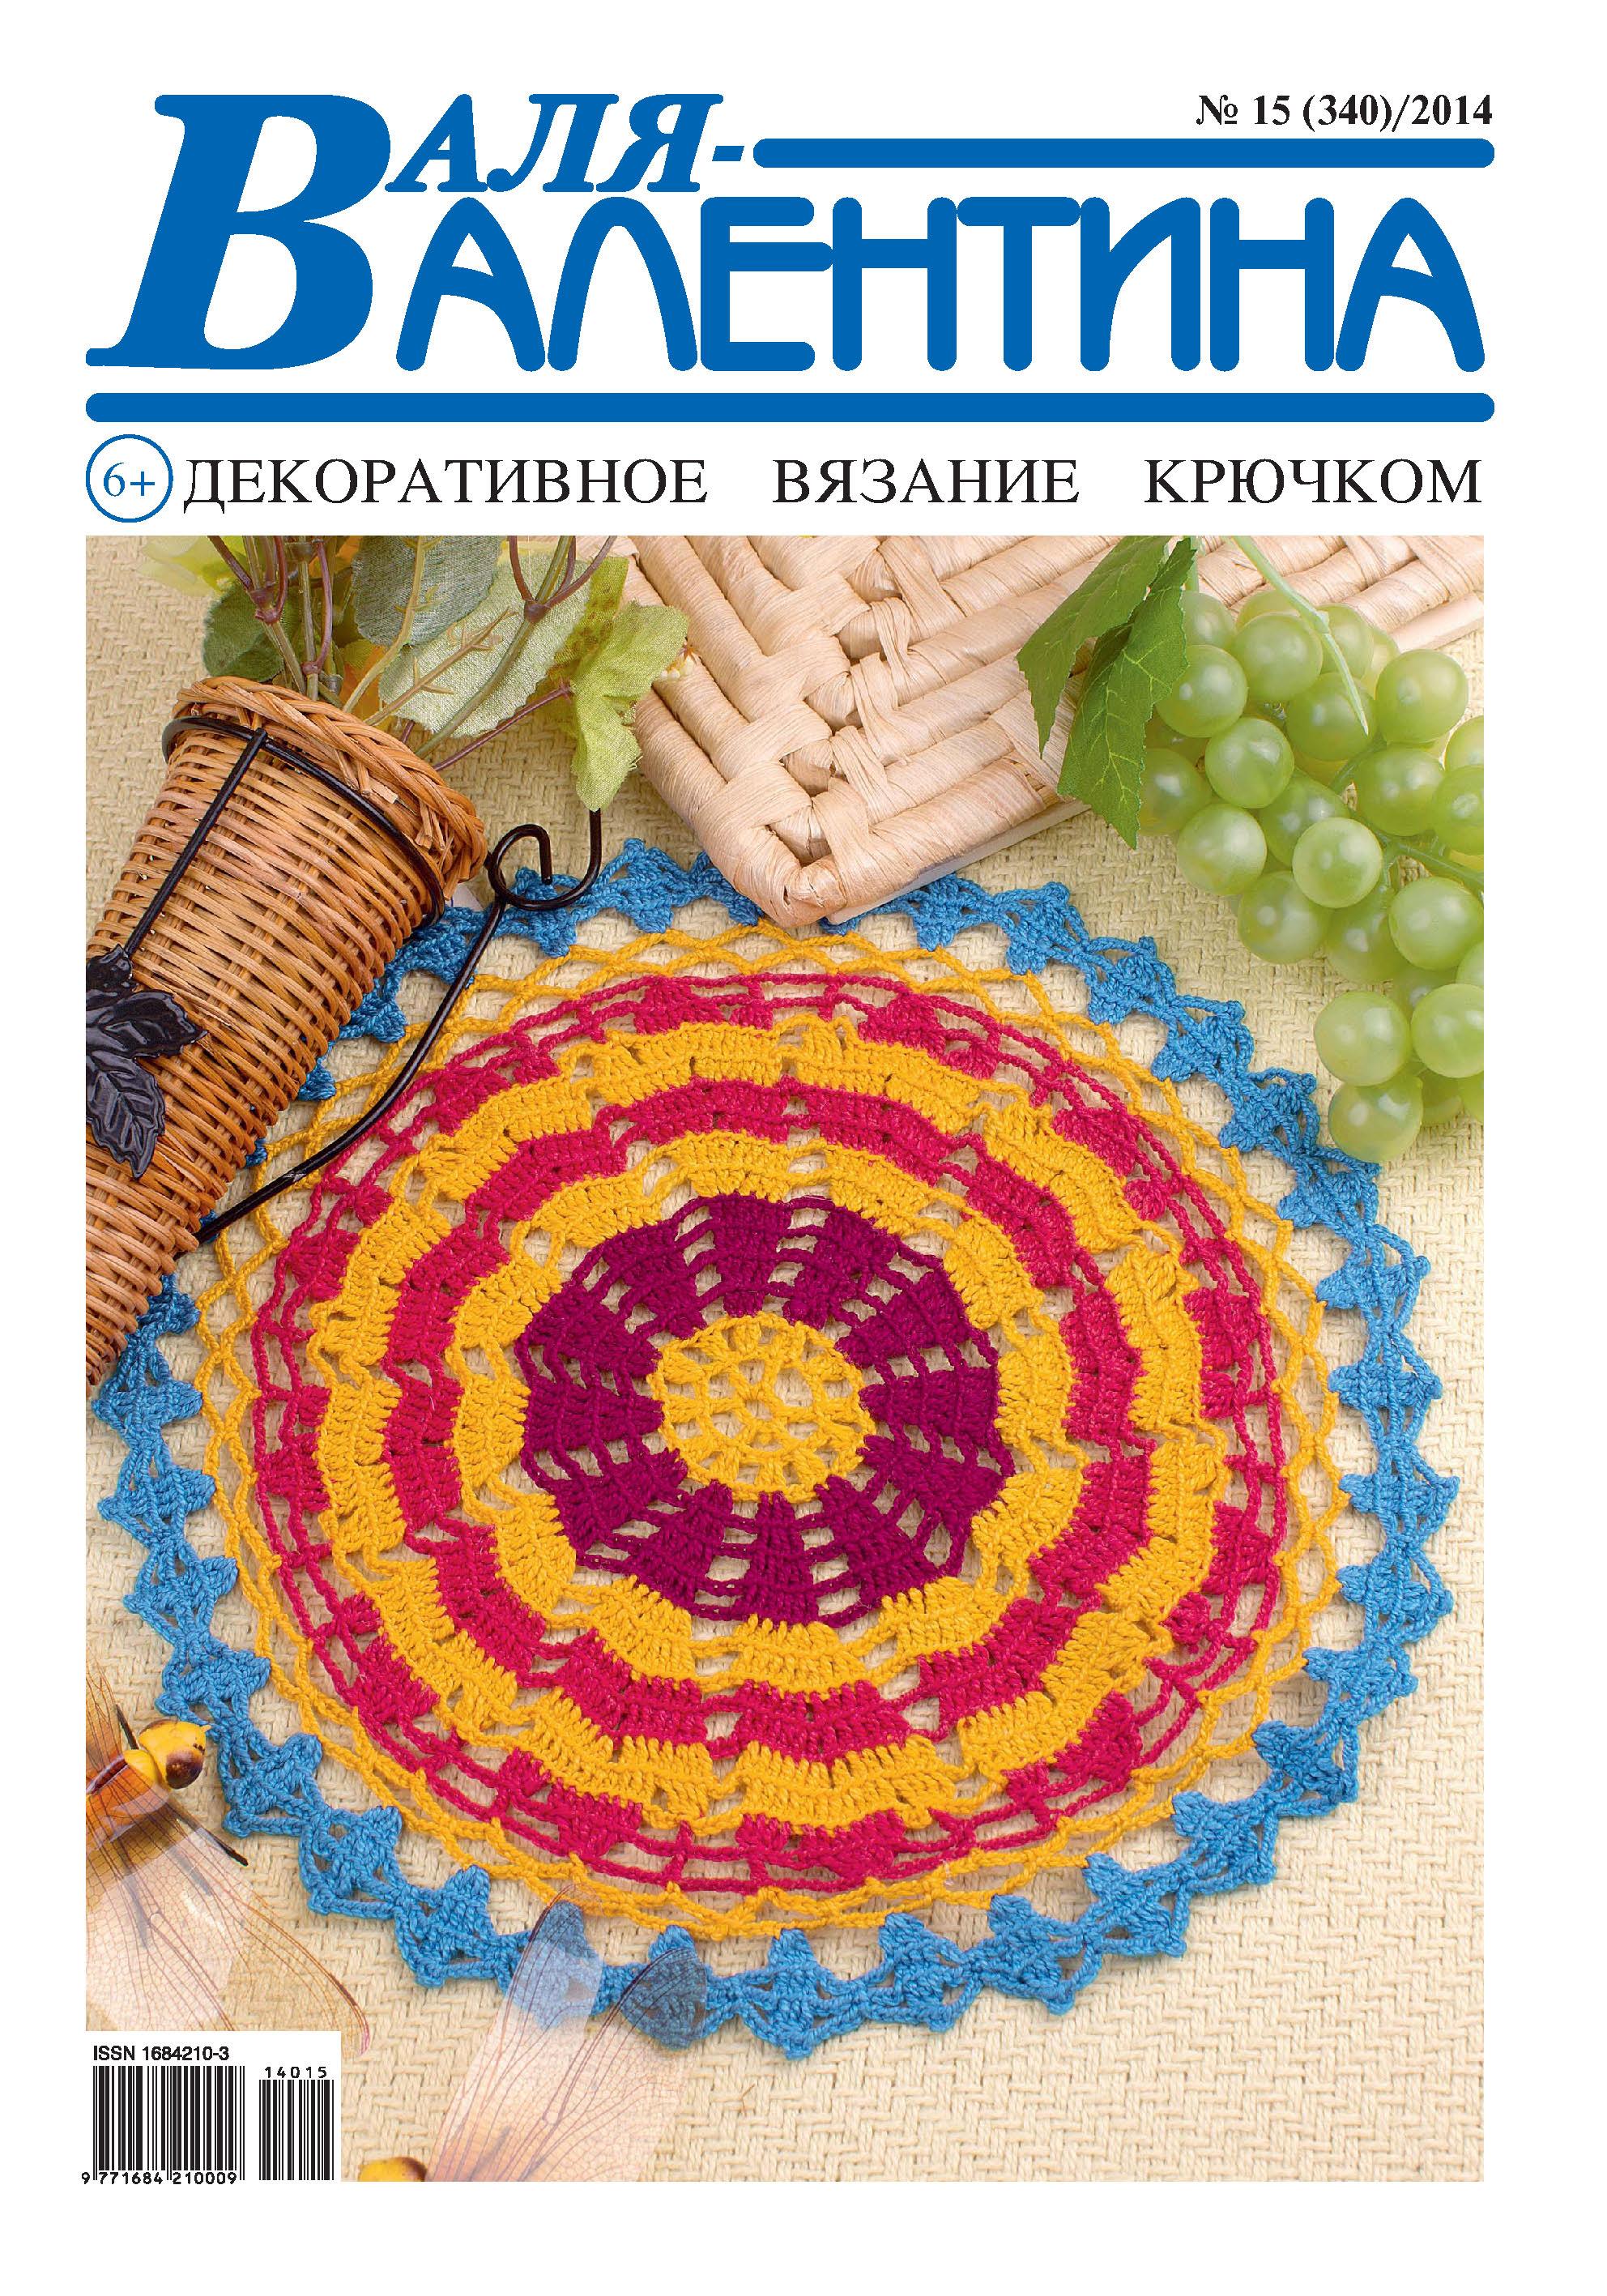 Валя-Валентина. Декоративное вязание крючком. №15/2014